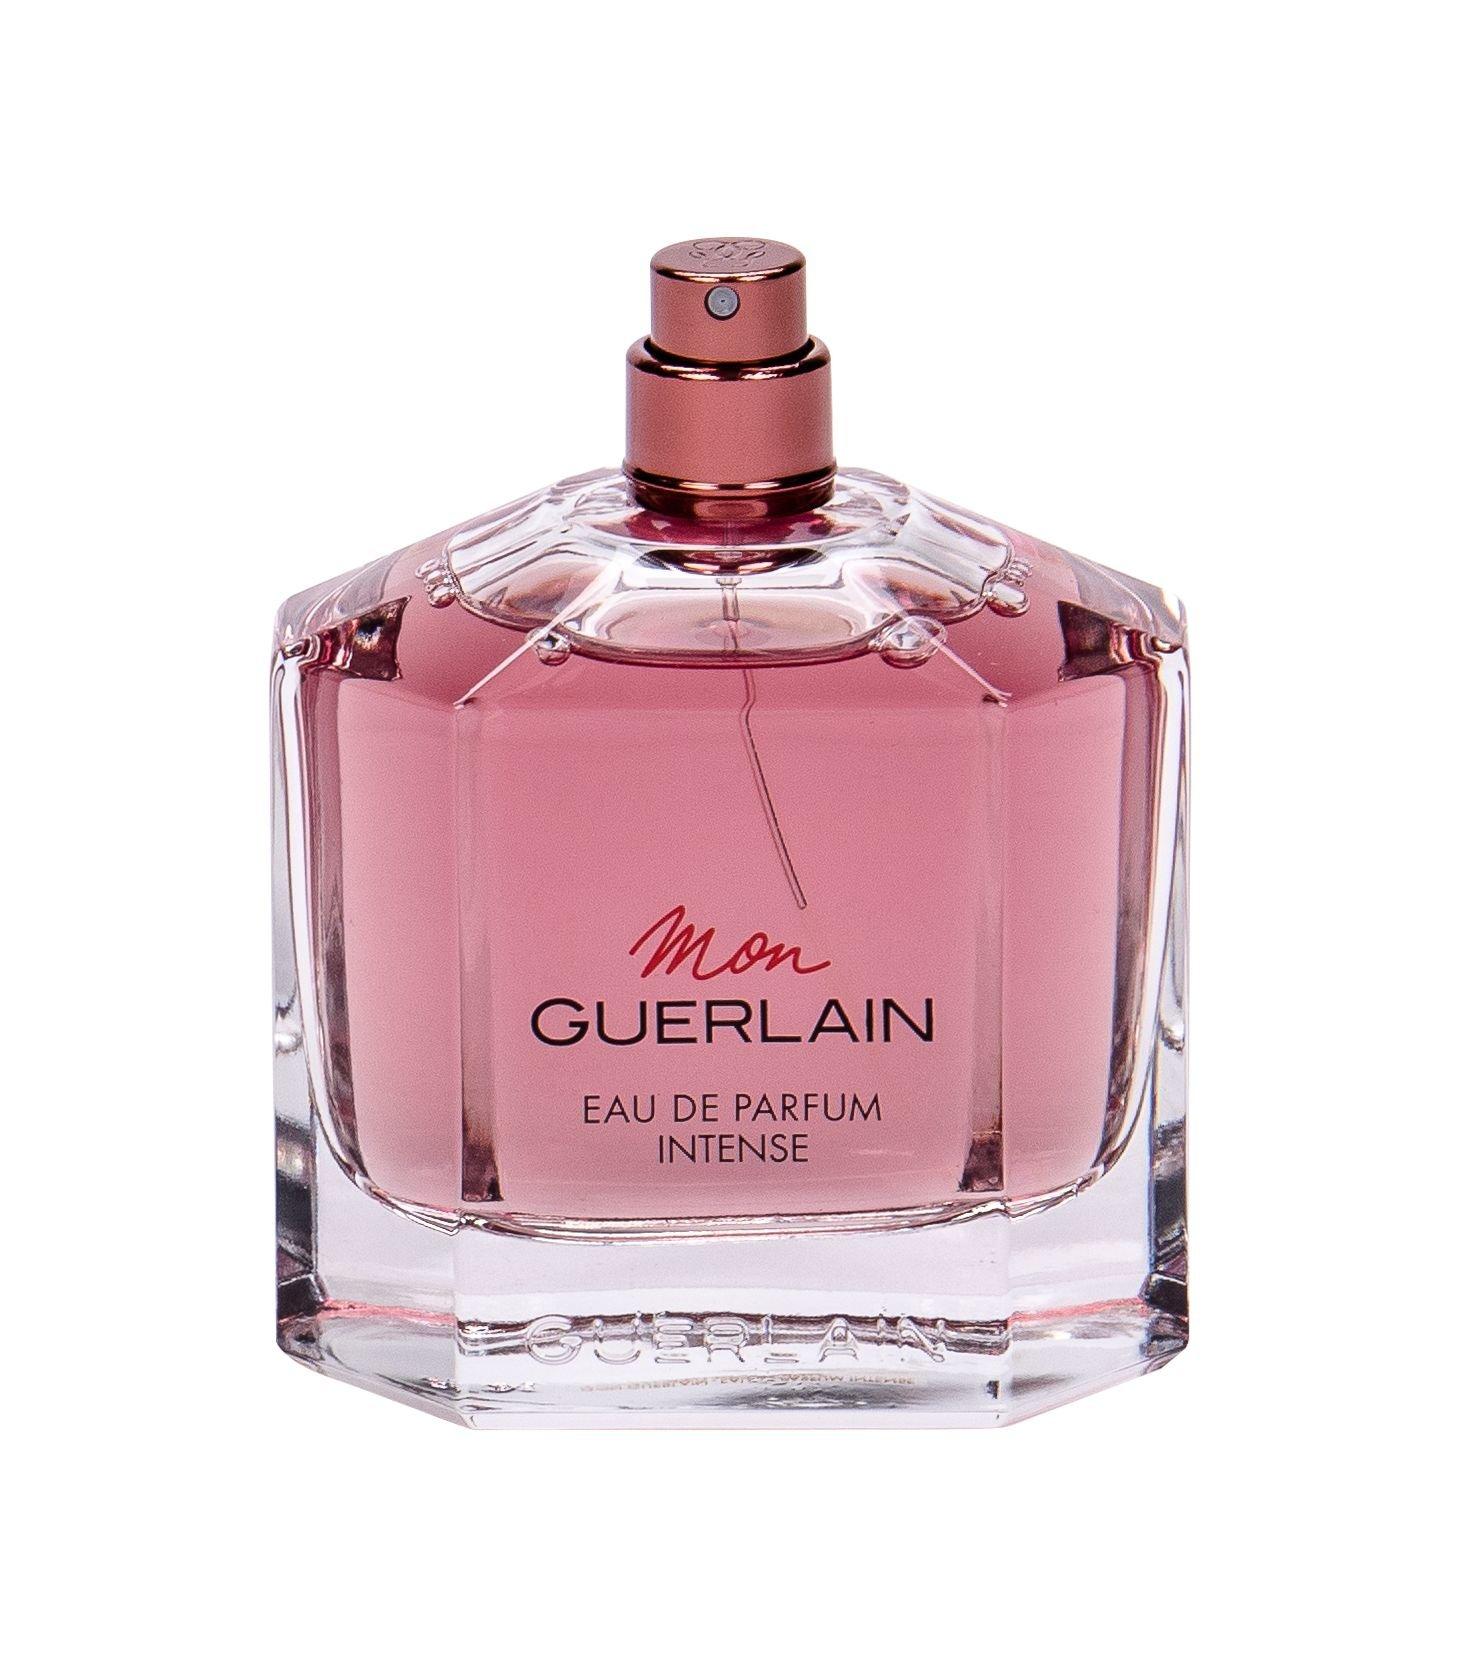 Guerlain Mon Guerlain Eau de Parfum 100ml  Intense